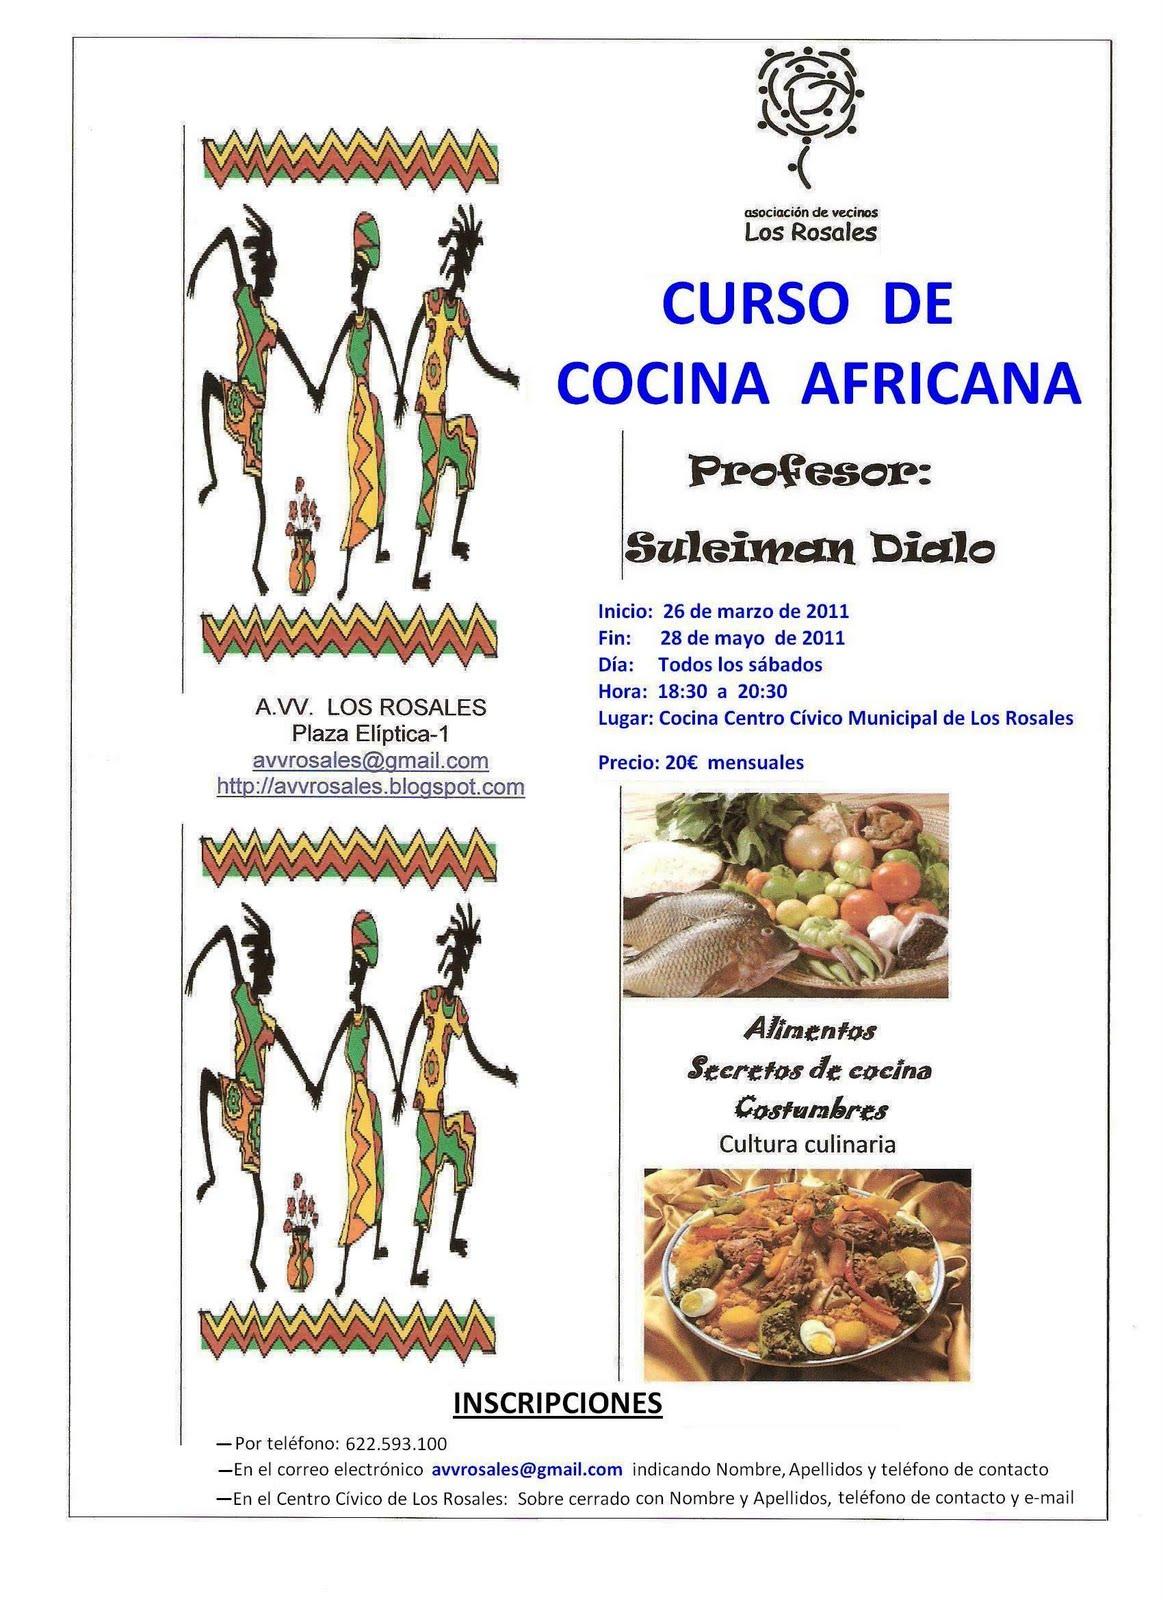 A vecinal cultural y deportiva los rosales inscripci n for Curso de cocina para solteros